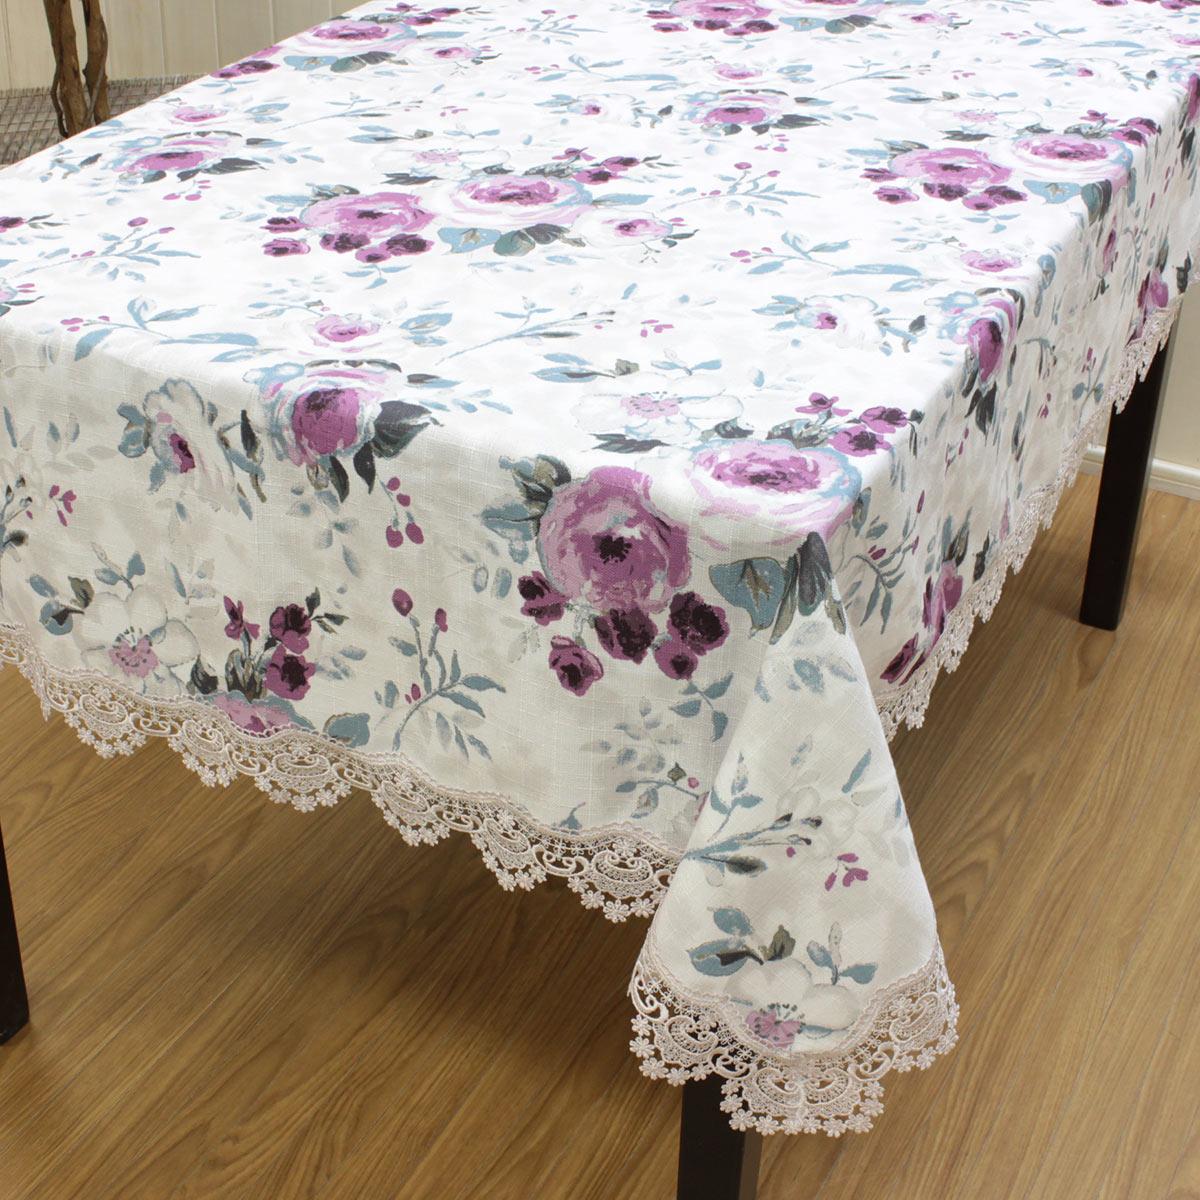 [送料無料] テーブルクロス 約130x200cm 長方形 4人掛け 撥水加工 はっ水 水を弾く 汚れにくい ジャカード織 花柄 ローズ柄 薔薇 バラ パープル エレガント おしゃれ インテリア